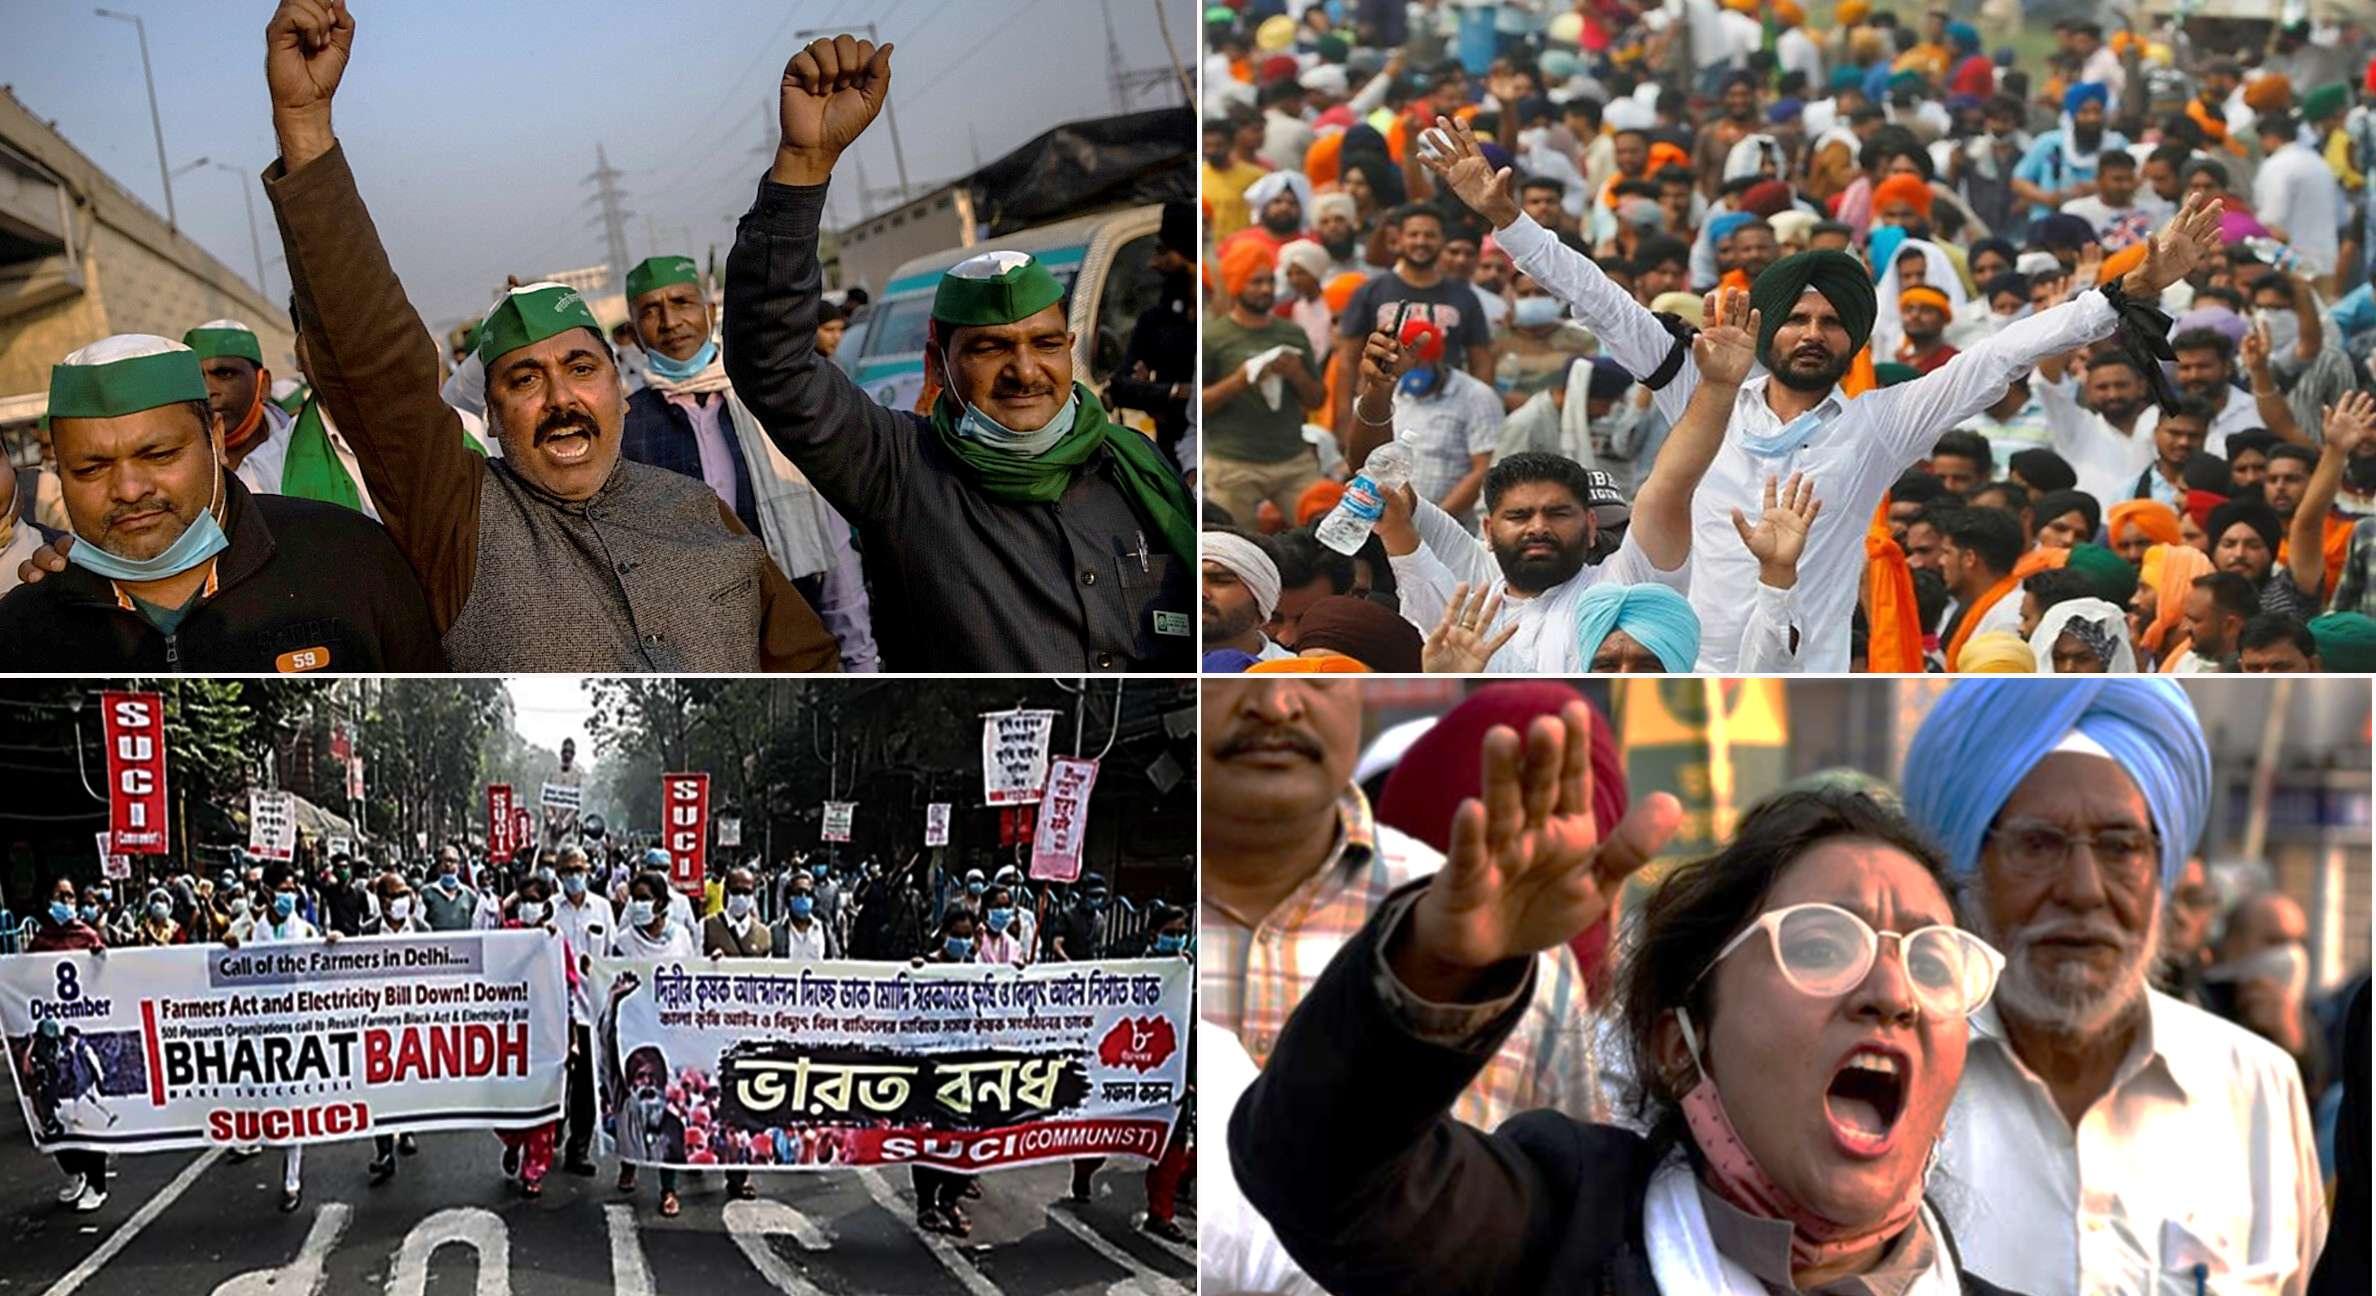 4 μήνες αγροτικών κινητοποιήσεων στην Ινδία